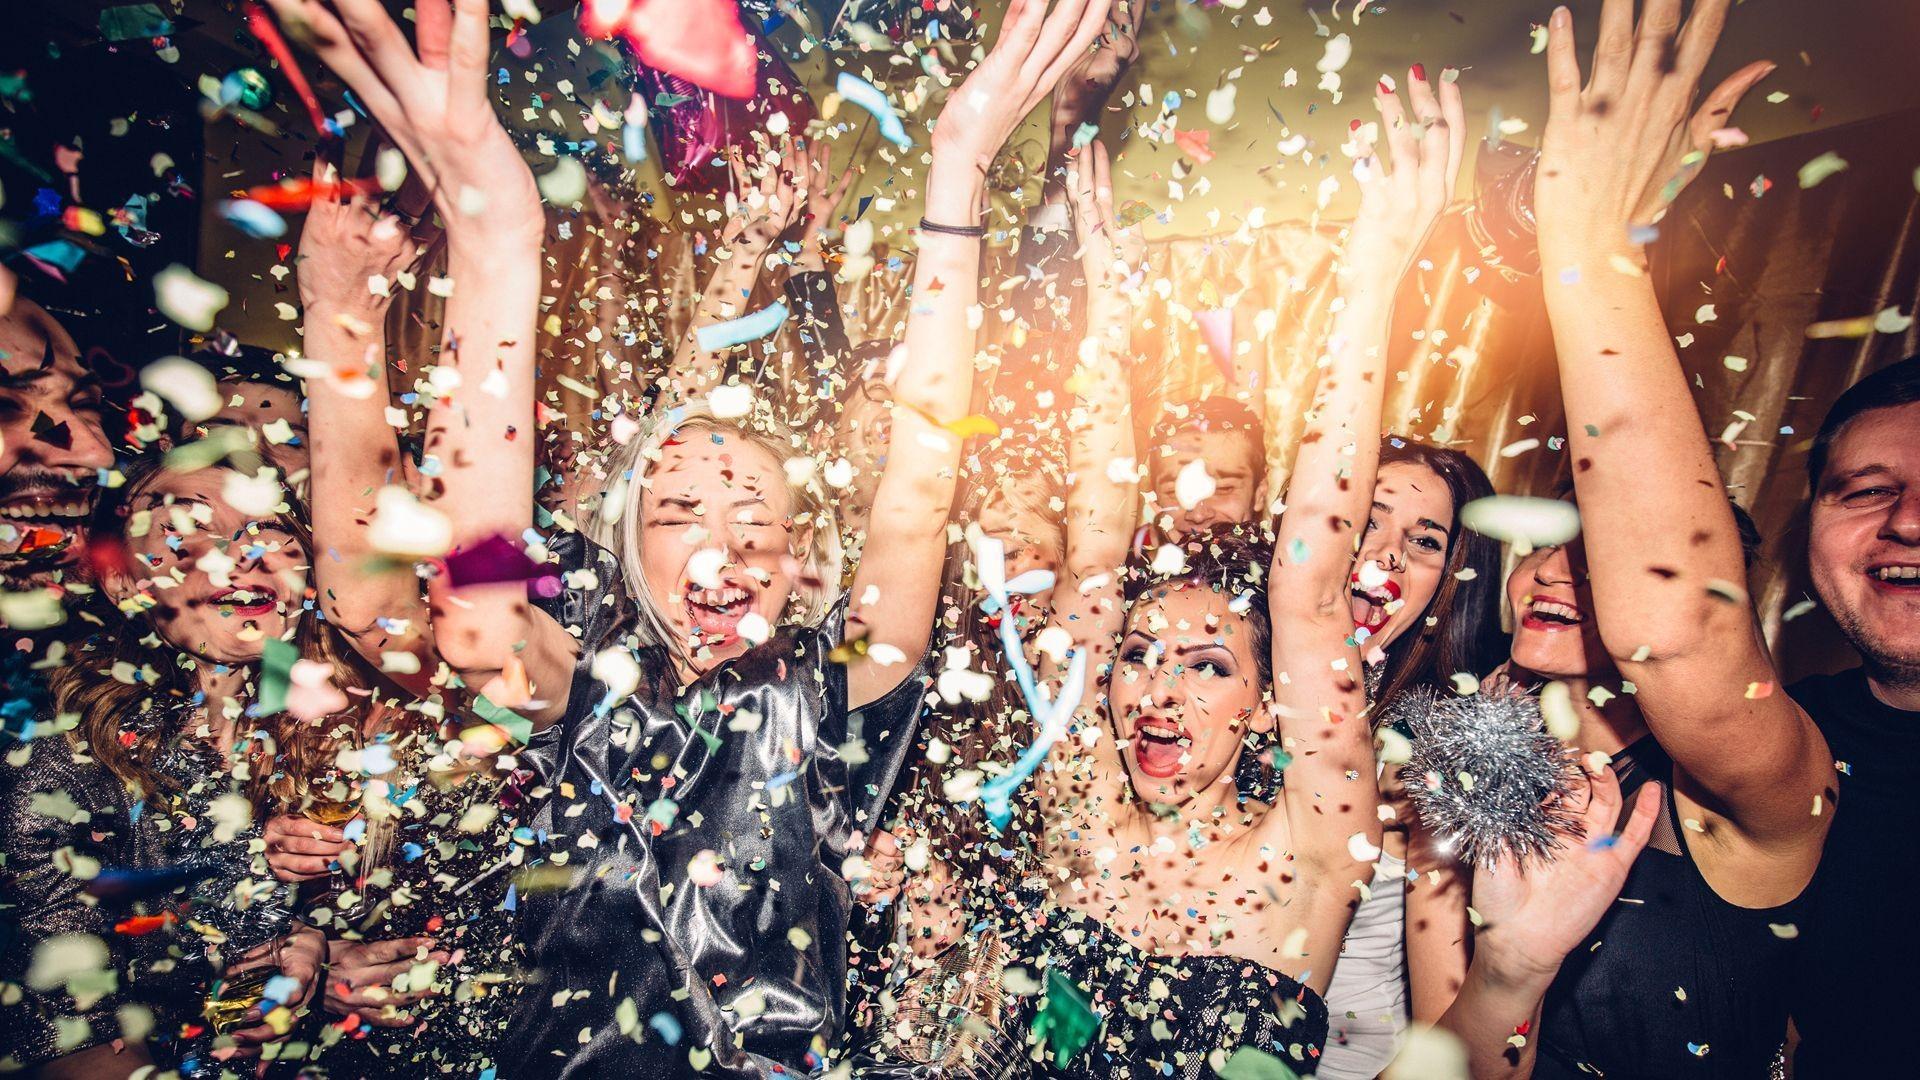 Alquiler de local para fiestas privadas en Getafe